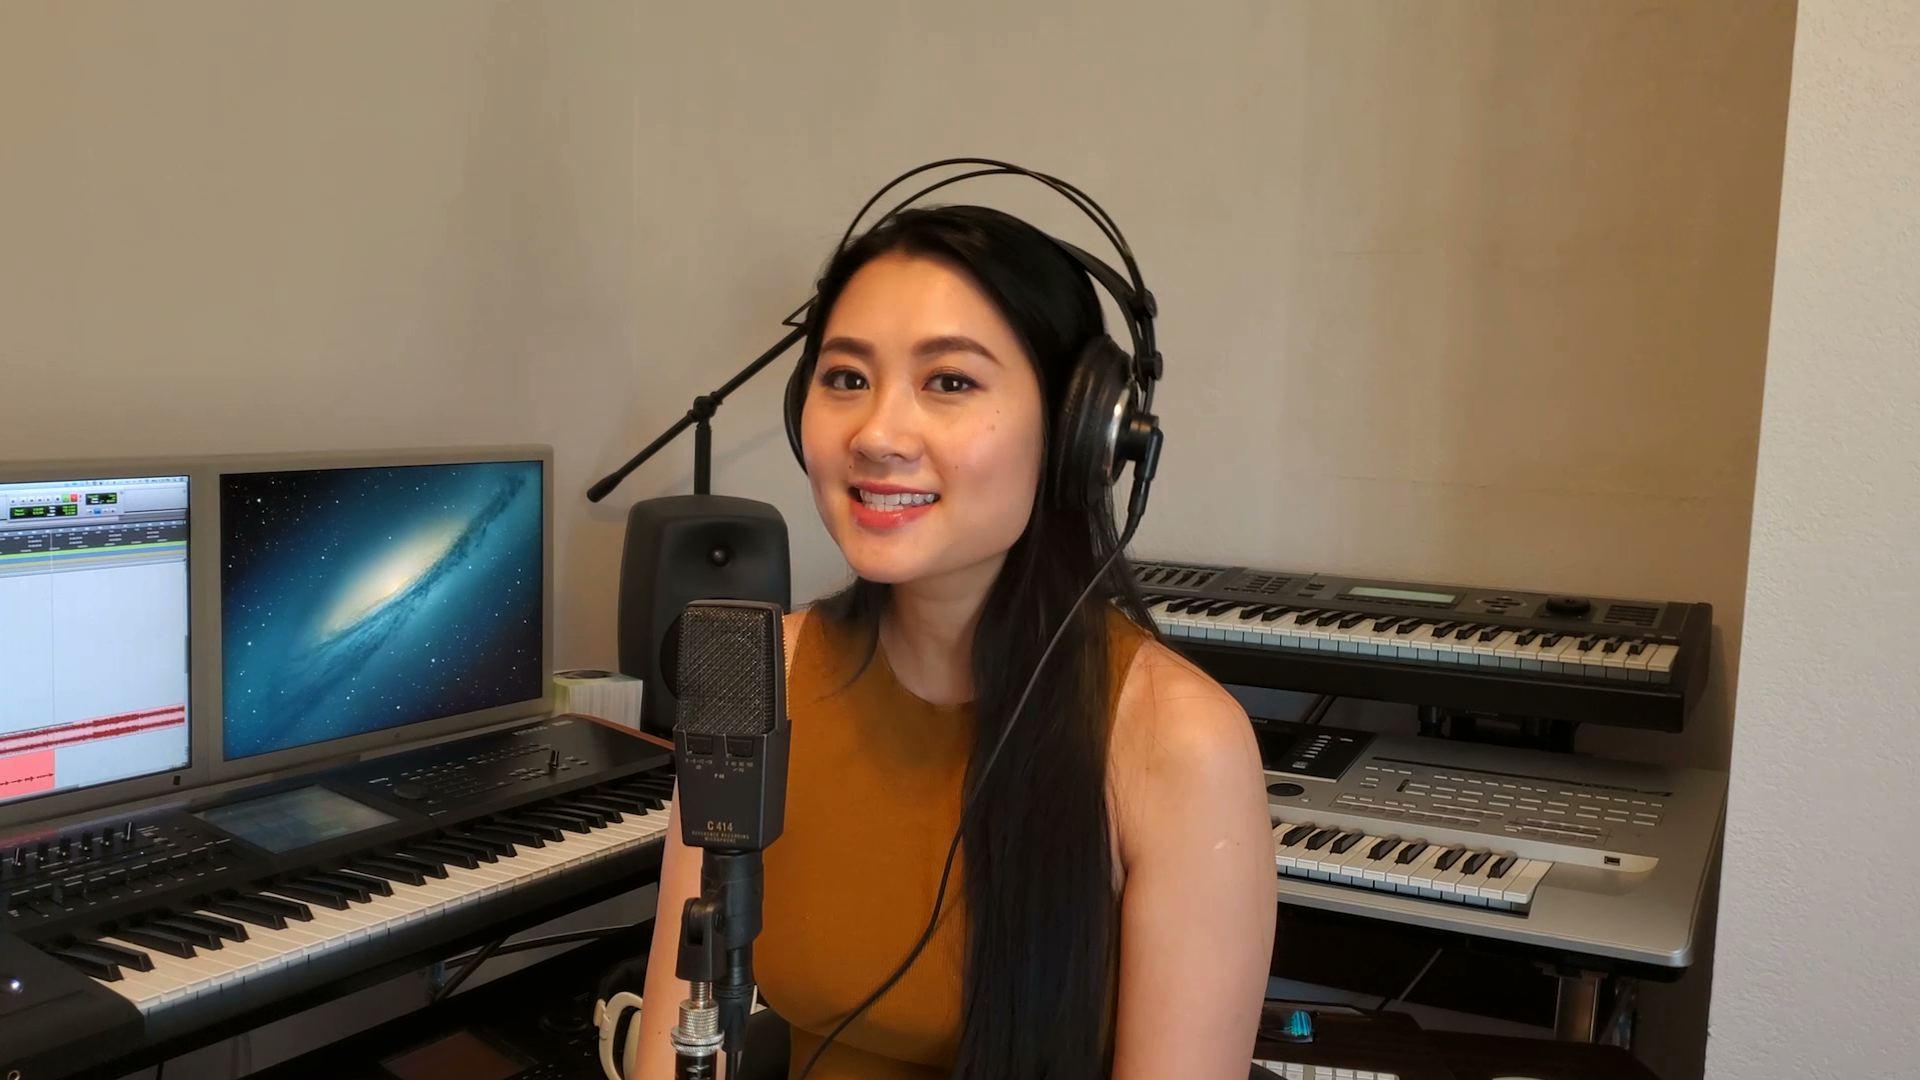 Nhạc phẩm Nắng Chiều – ca sĩ Hoàng Thục Linh từ nhà riêng